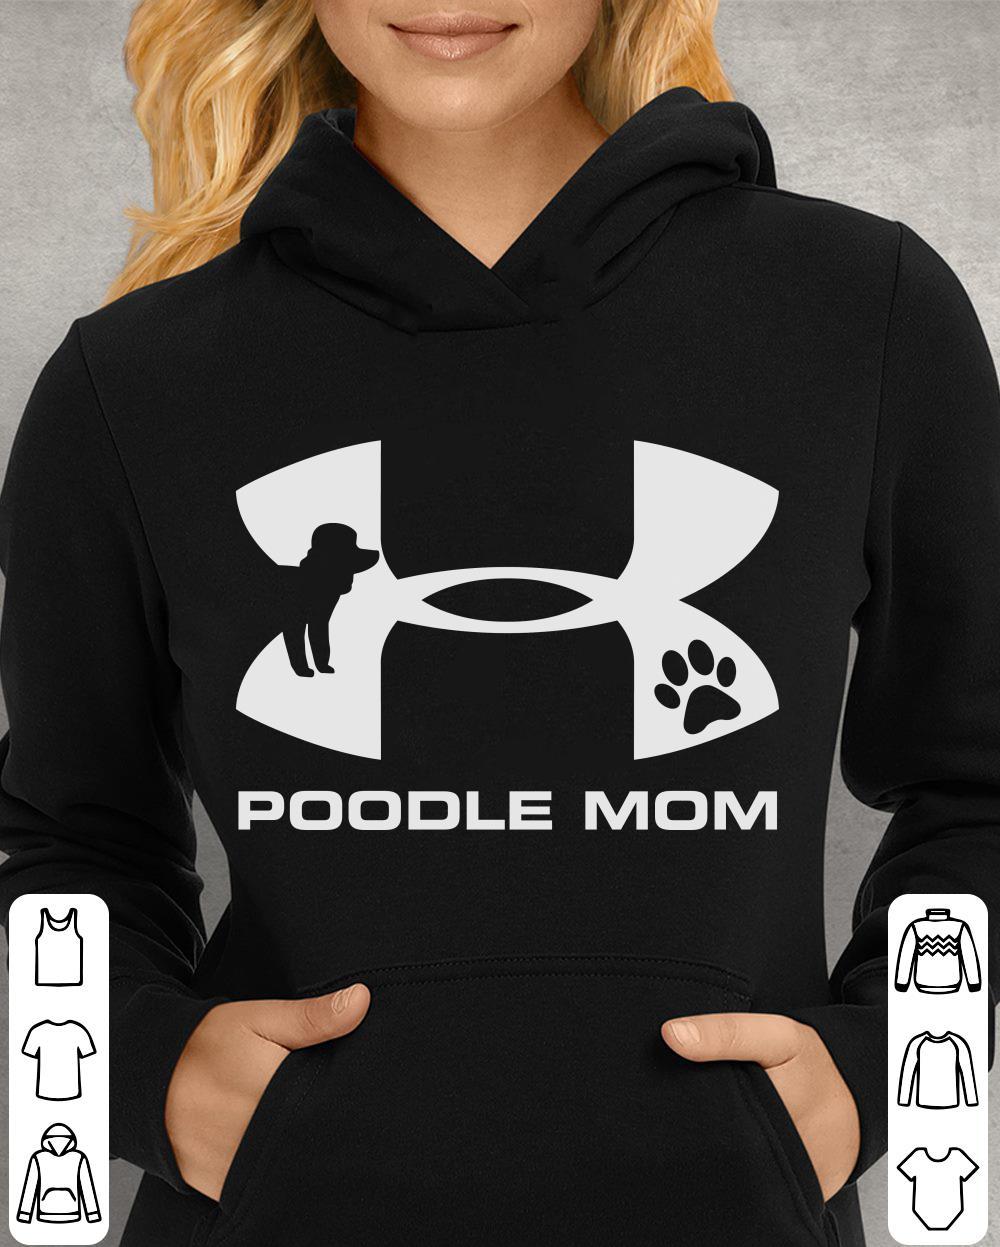 https://unicornshirts.net/images/2018/11/Under-Armour-Poodle-Mom-shirt_4.jpg